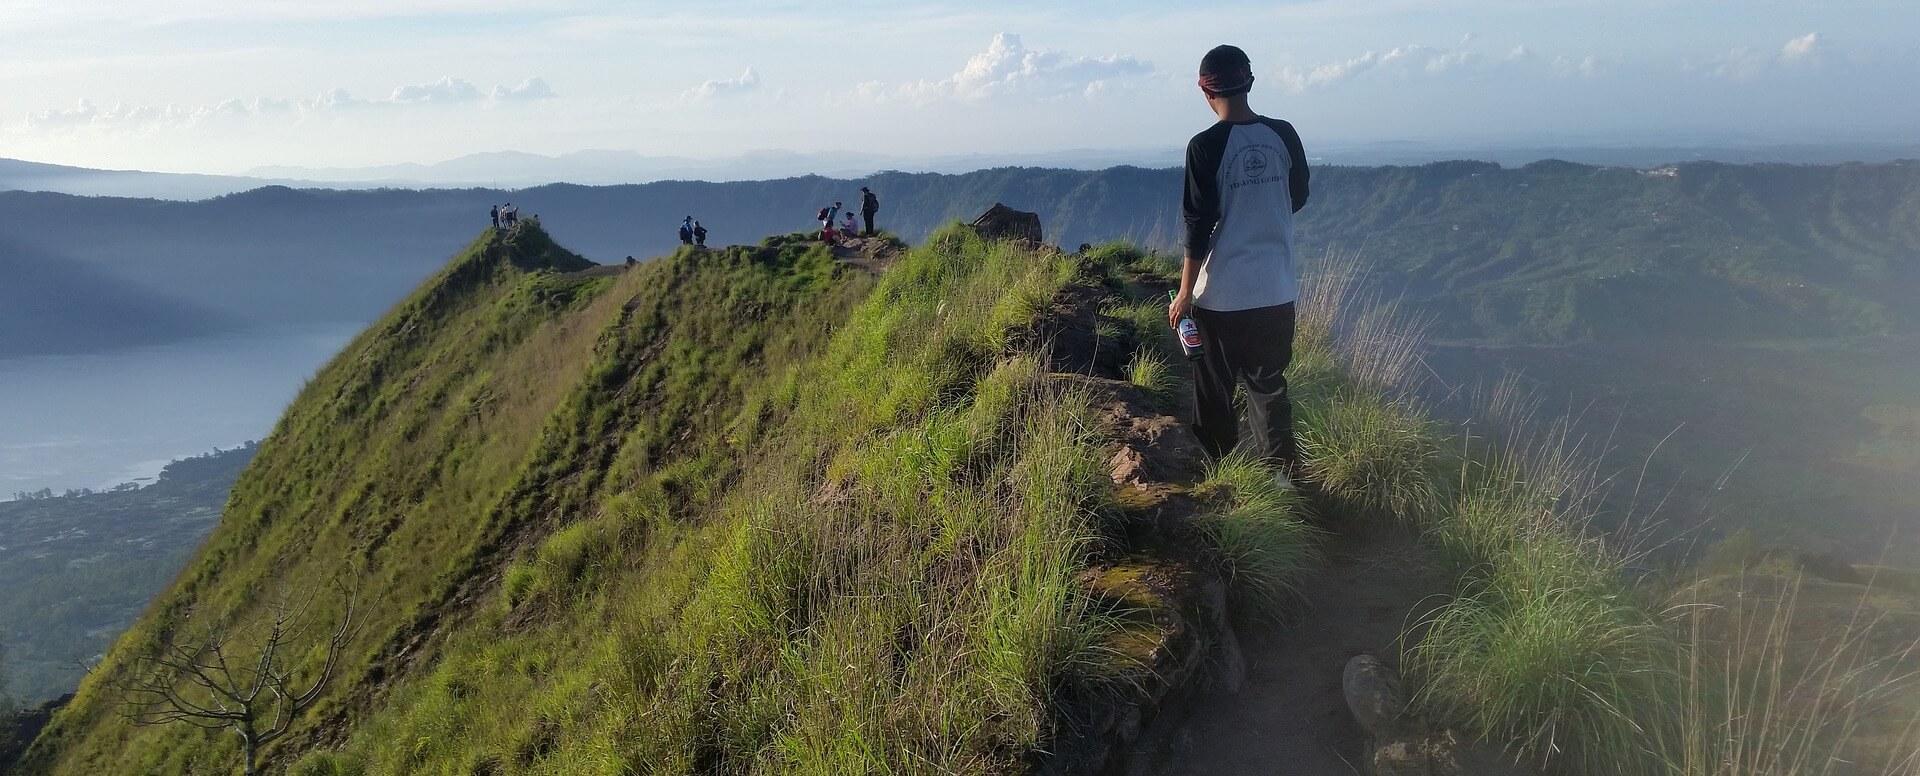 4- Organisez une randonnée sur le Mont Batur - Bali